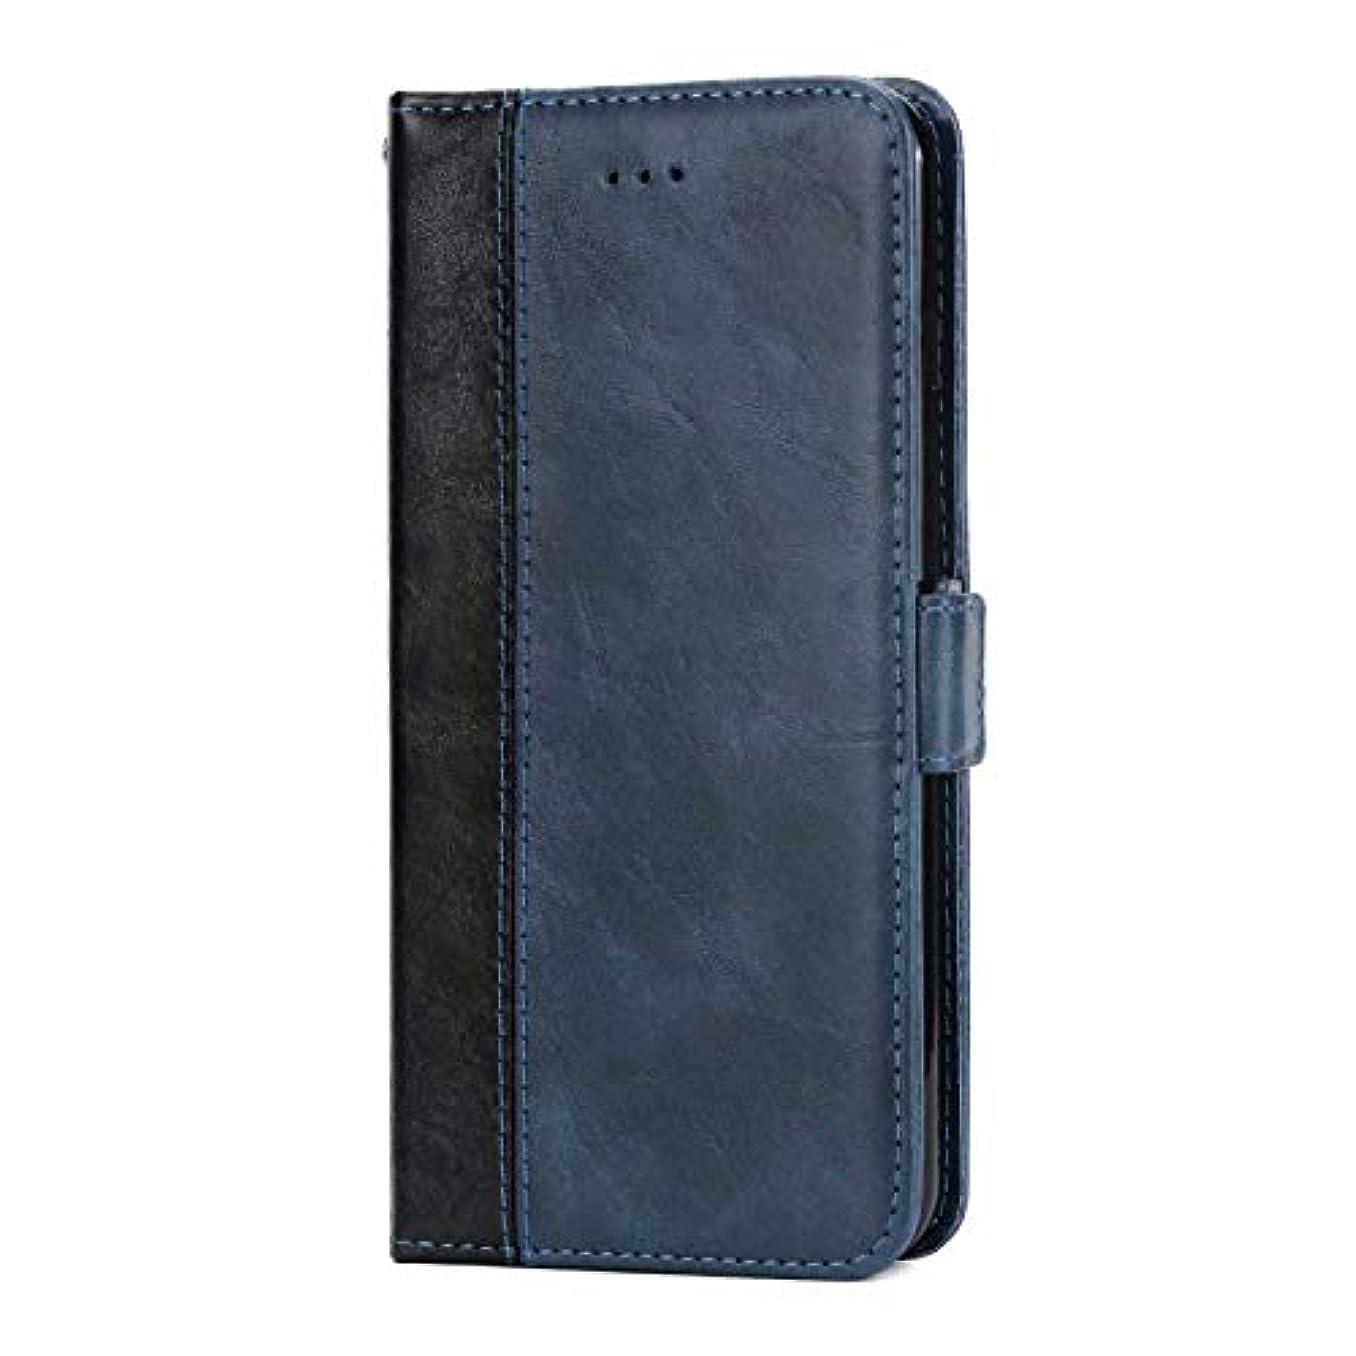 滅多バンドルめったにOMATENTI Huawei P20 Pro 手帳ケース マグネット式 カバー Huawei P20 Pro 高級PUレザー カードポケット スタンド機能 薄型 スマホケース(3-ブルー)